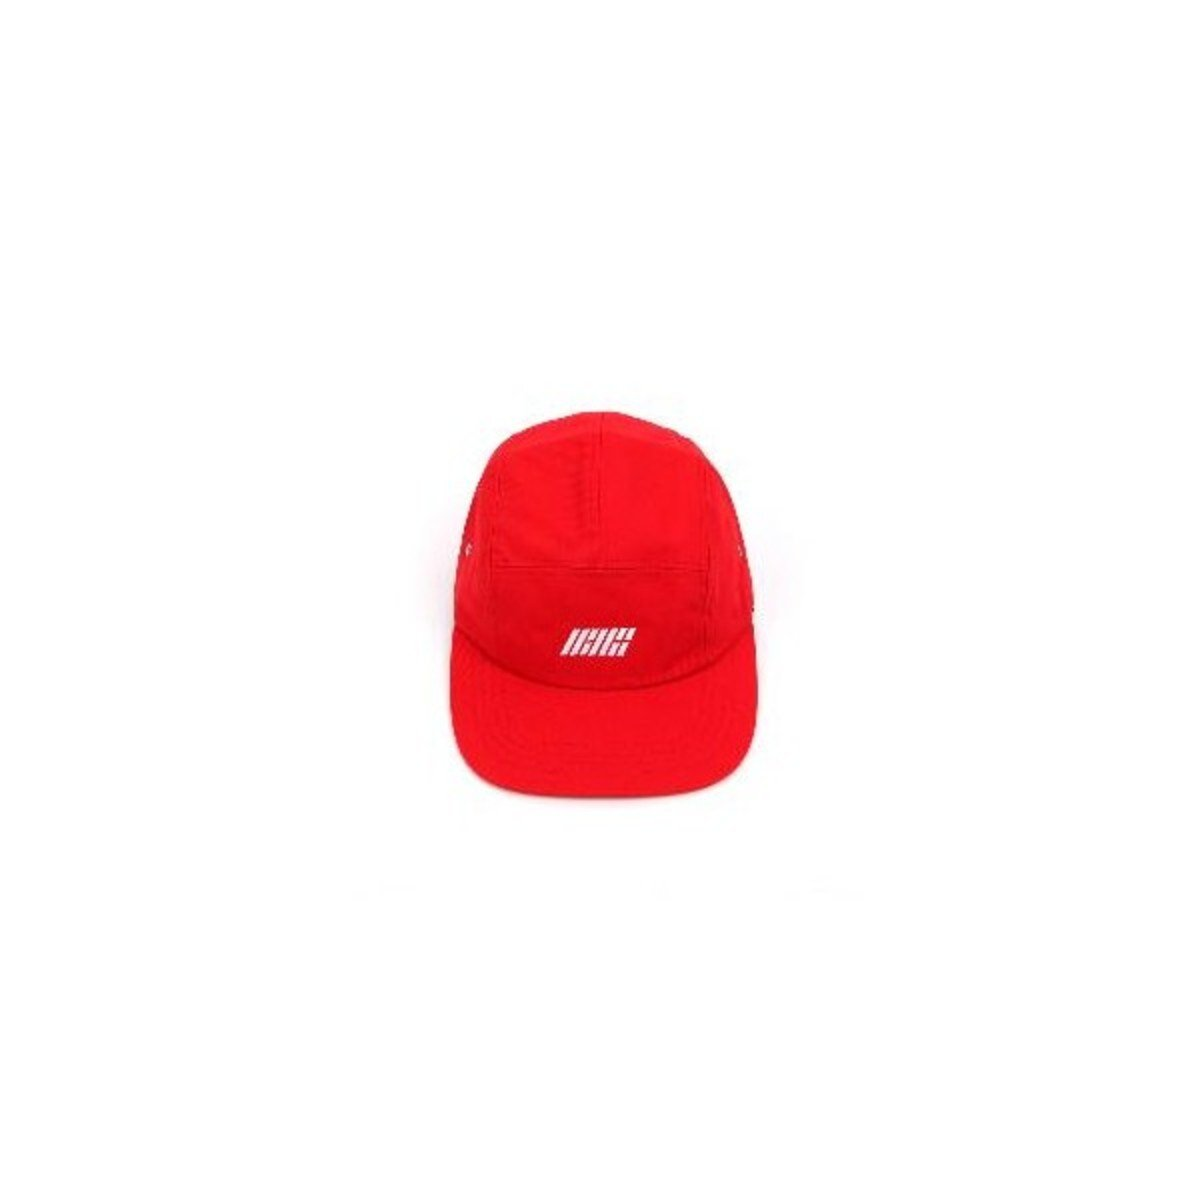 iKON 帽子_GD00021654